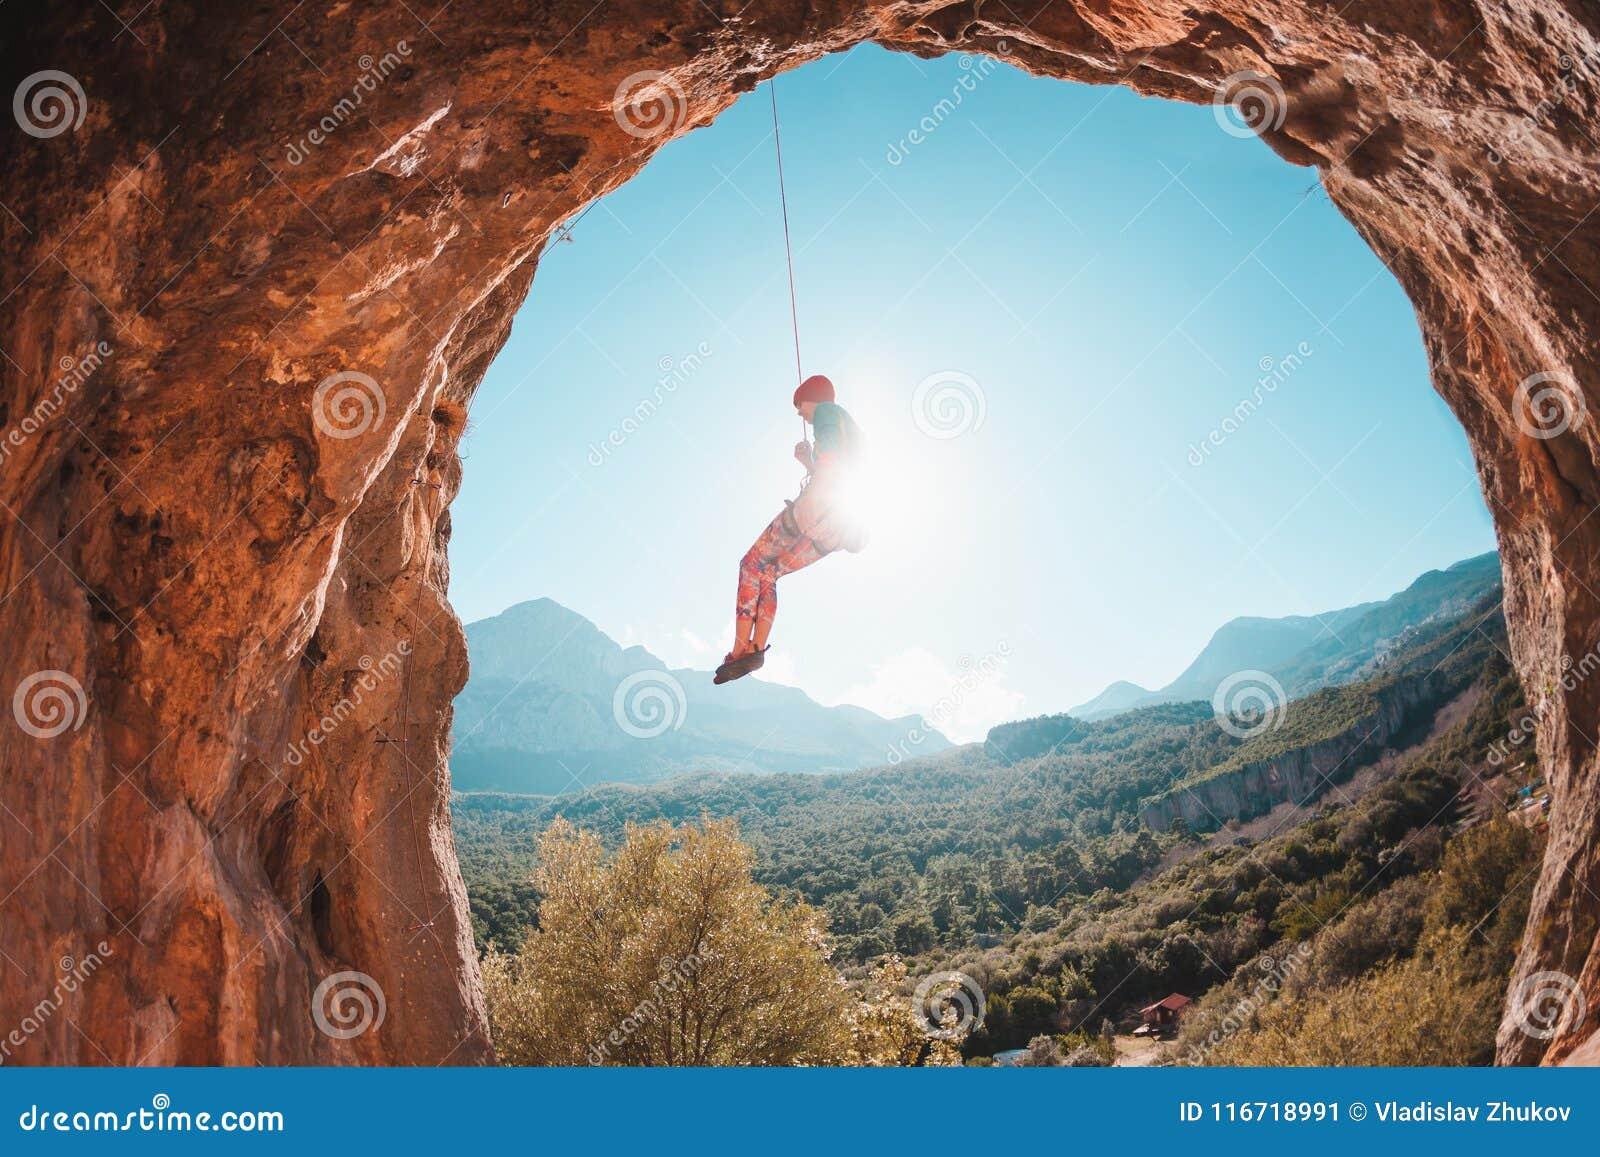 Klättraren hänger på ett rep